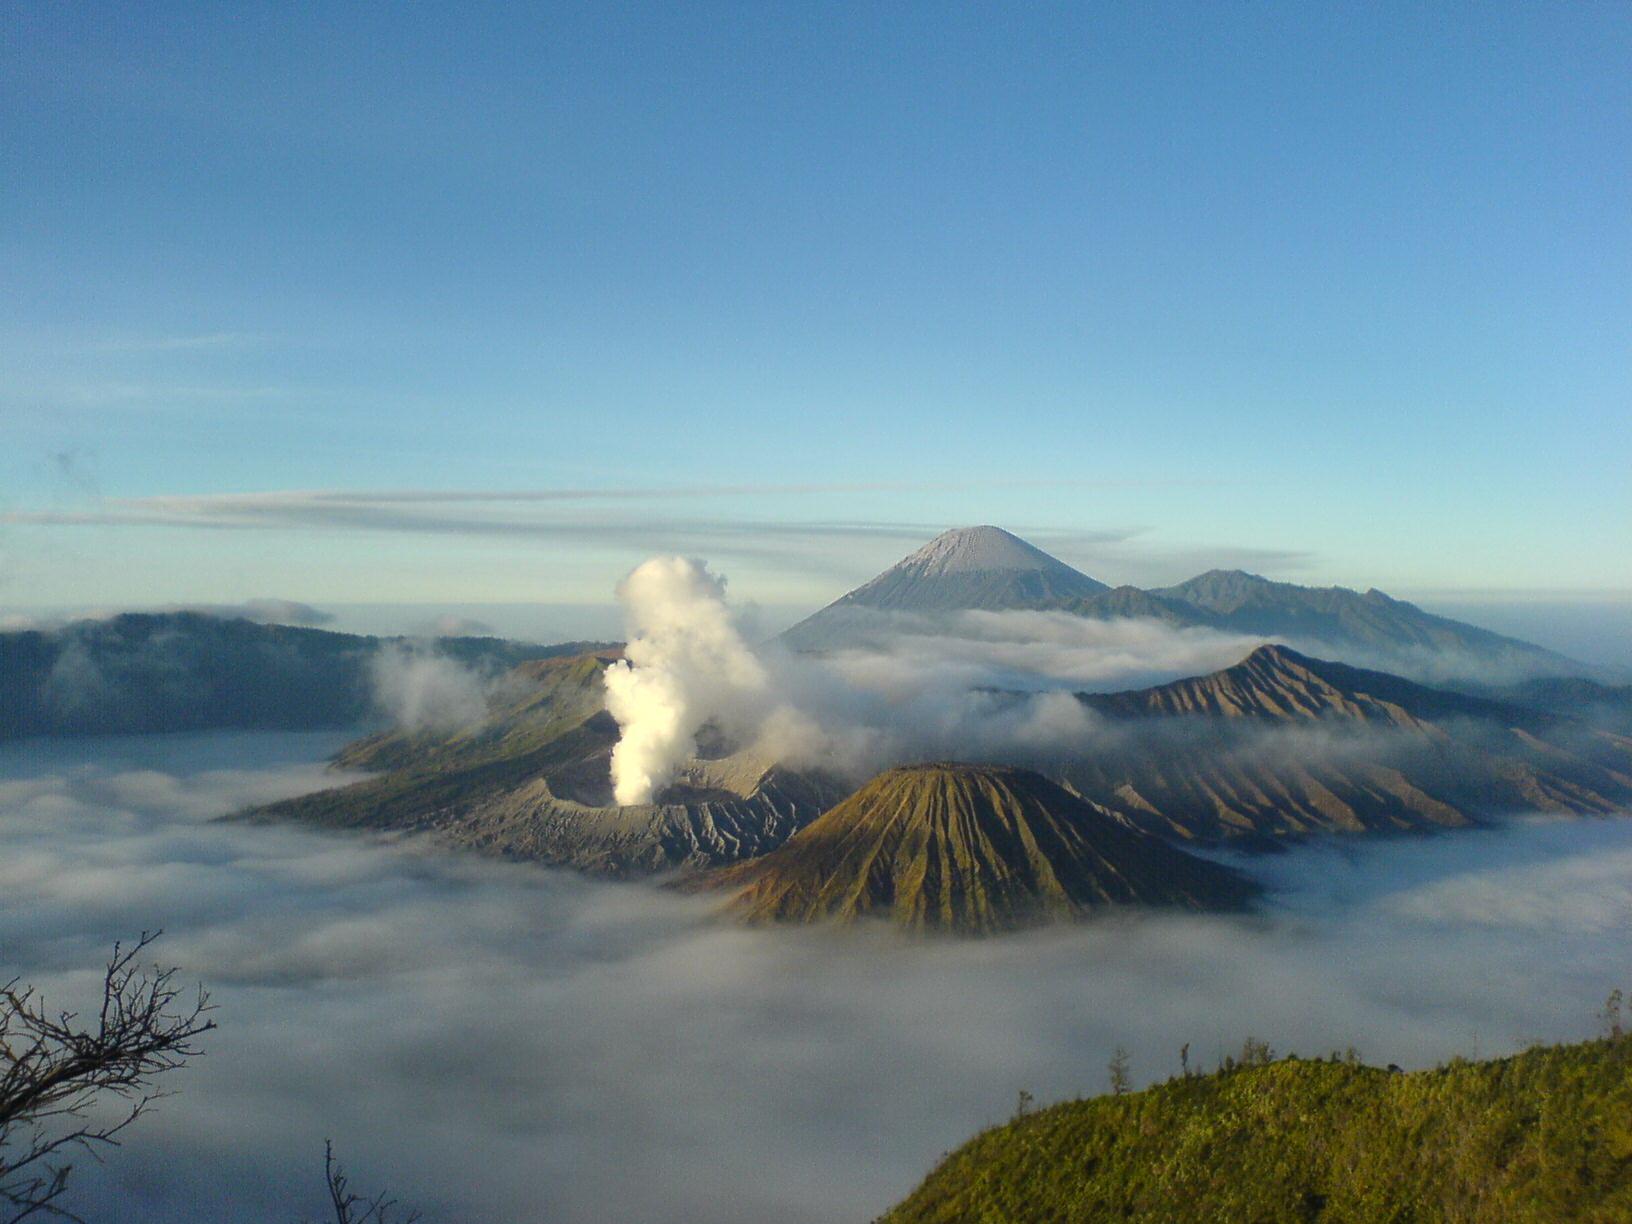 Mountain landscape, Clouds, Eruption, Hills, Landscape, HQ Photo